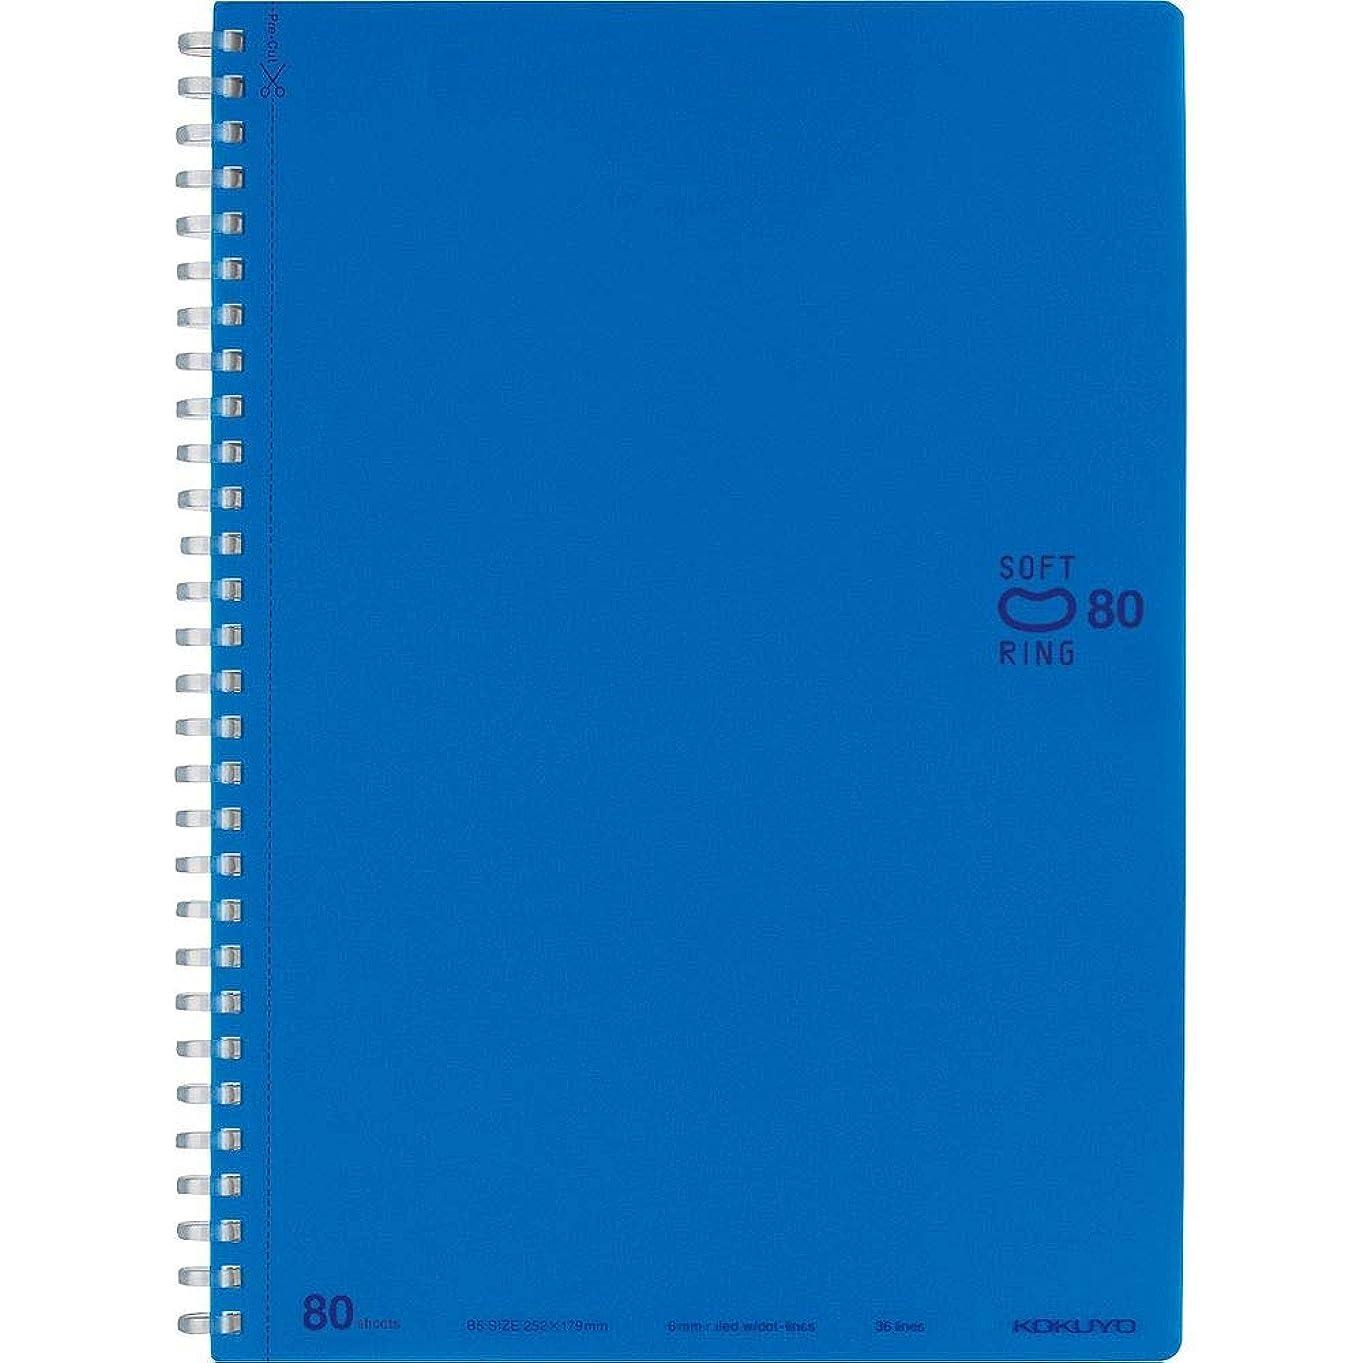 コクヨ ソフトリングノート ドット入りB罫 セミB5 80枚 ブルー ス-SV308BT-B 【まとめ買い5冊セット】